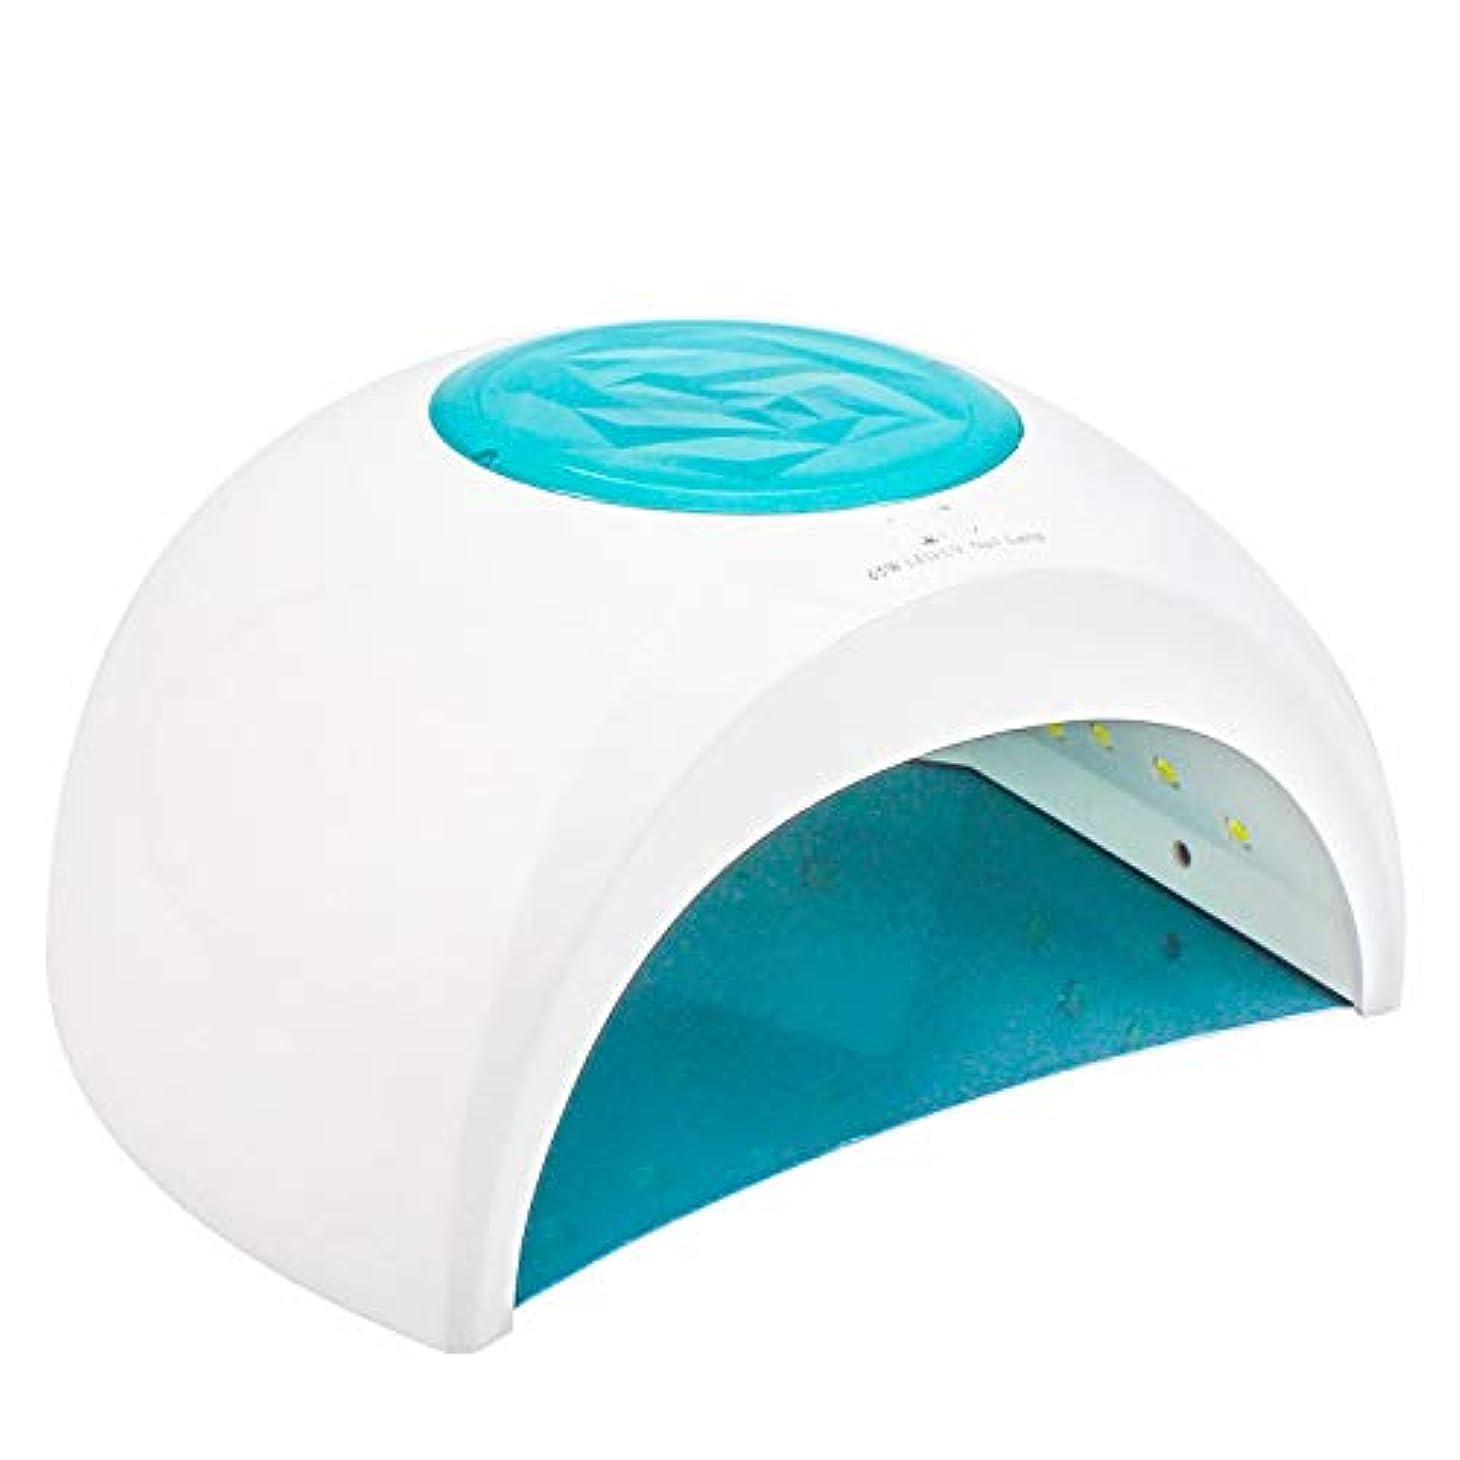 封筒逆特徴づけるネイルドライヤー-65Wハイパワー33ランプビーズLED UVインテリジェント誘導デュアル光源ネイル光線療法機